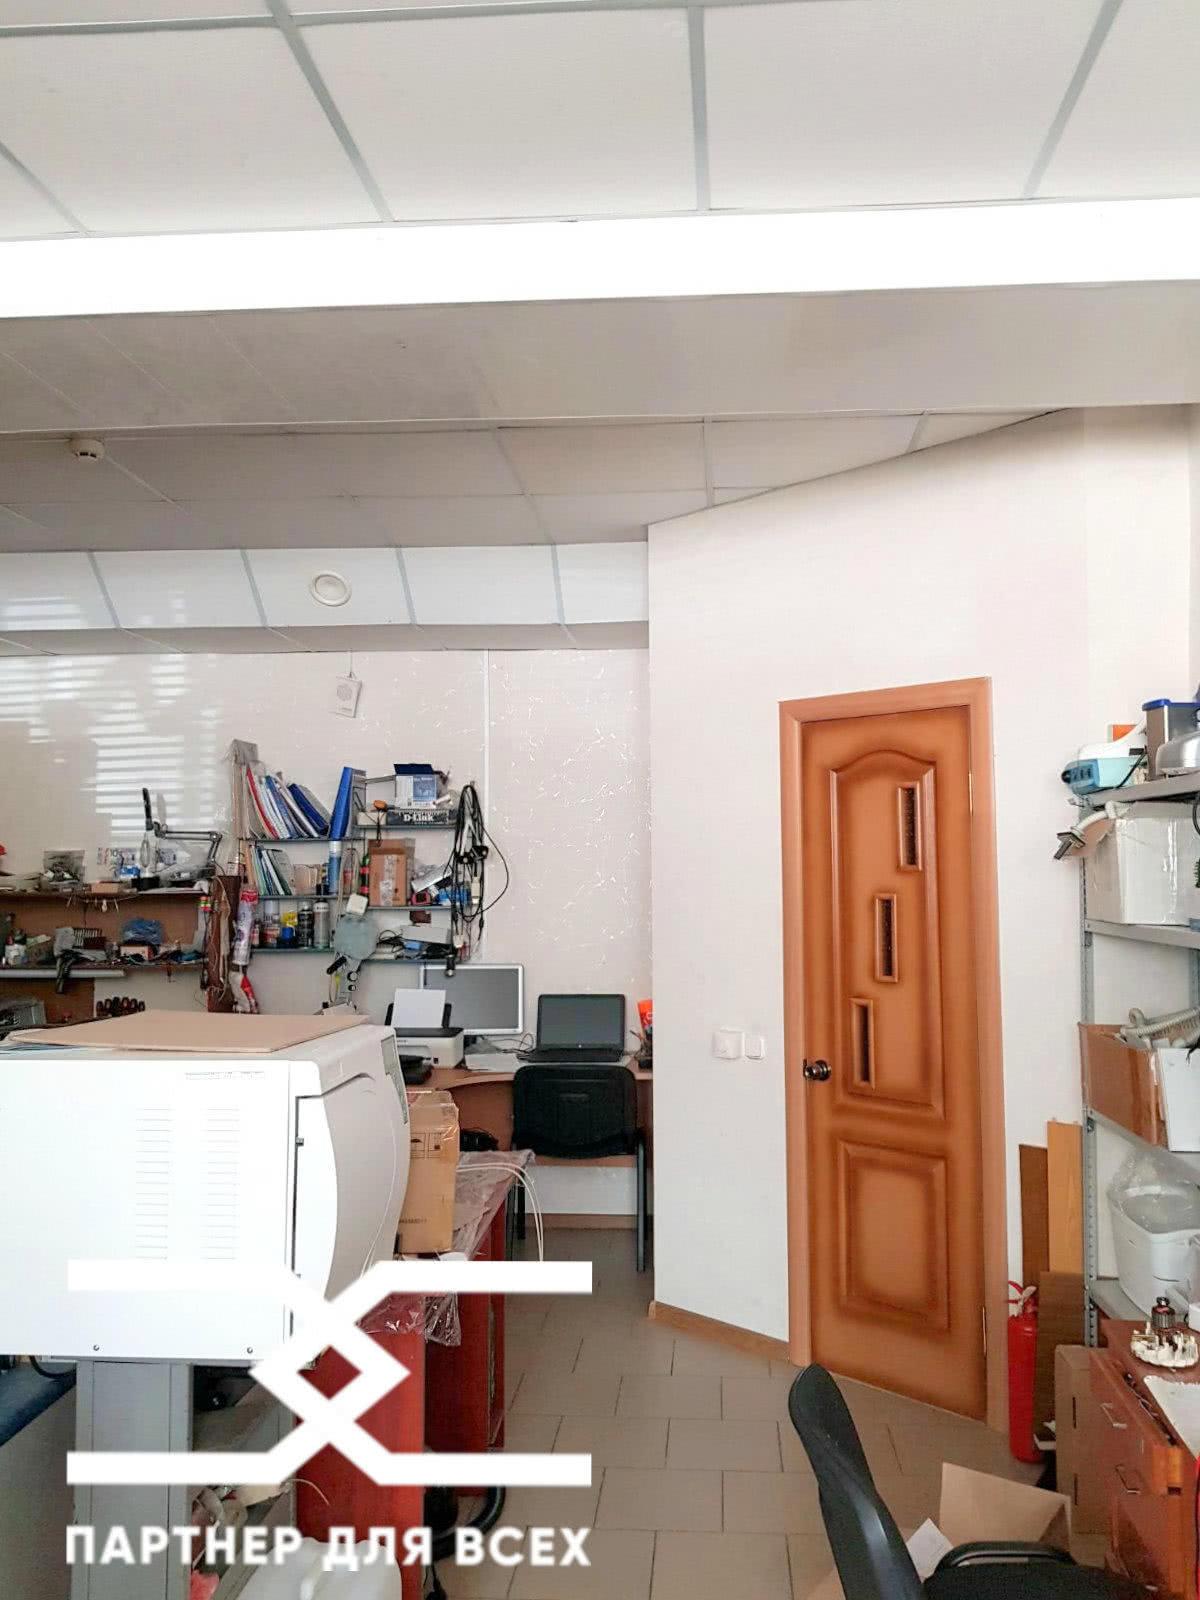 Продажа офиса на ул. Пономаренко, д. 35/А в Минске - фото 2